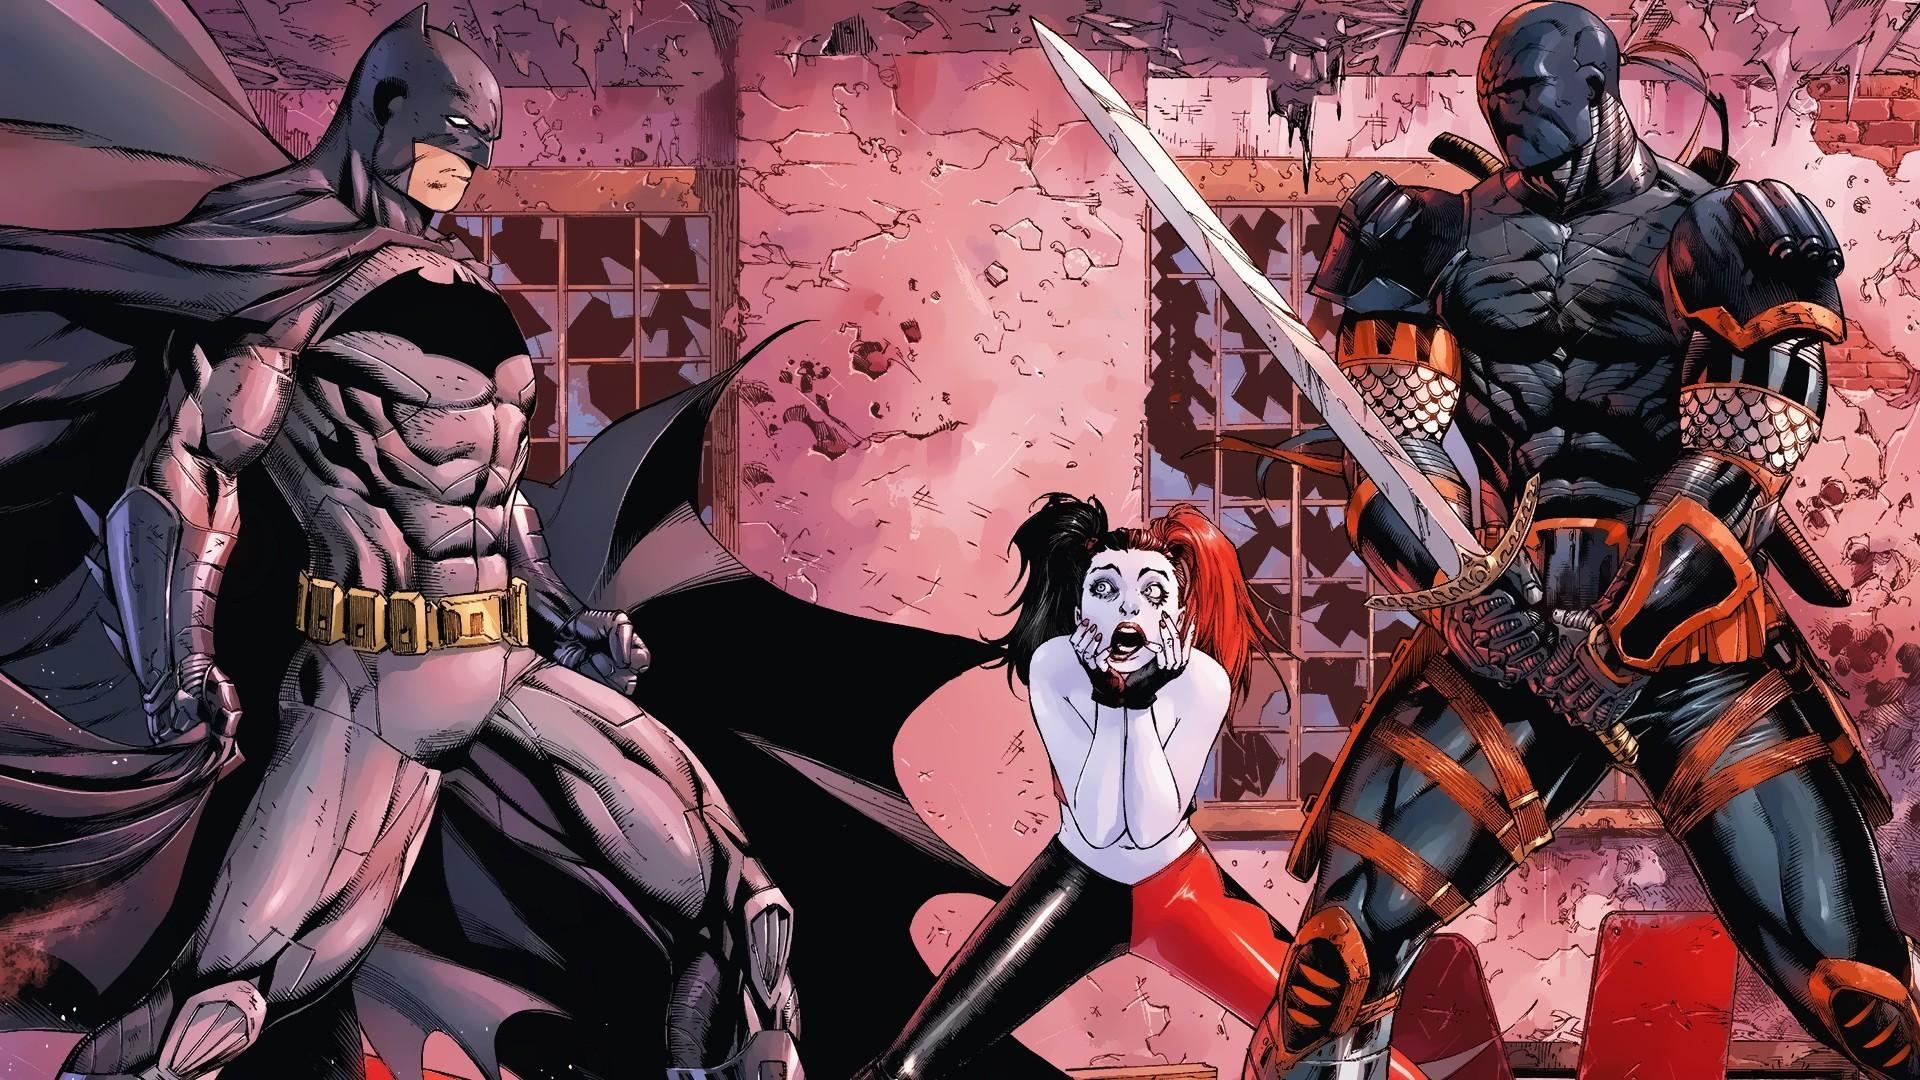 Comics – Batman Deathstroke Harley Quinn DC Comics Wallpaper